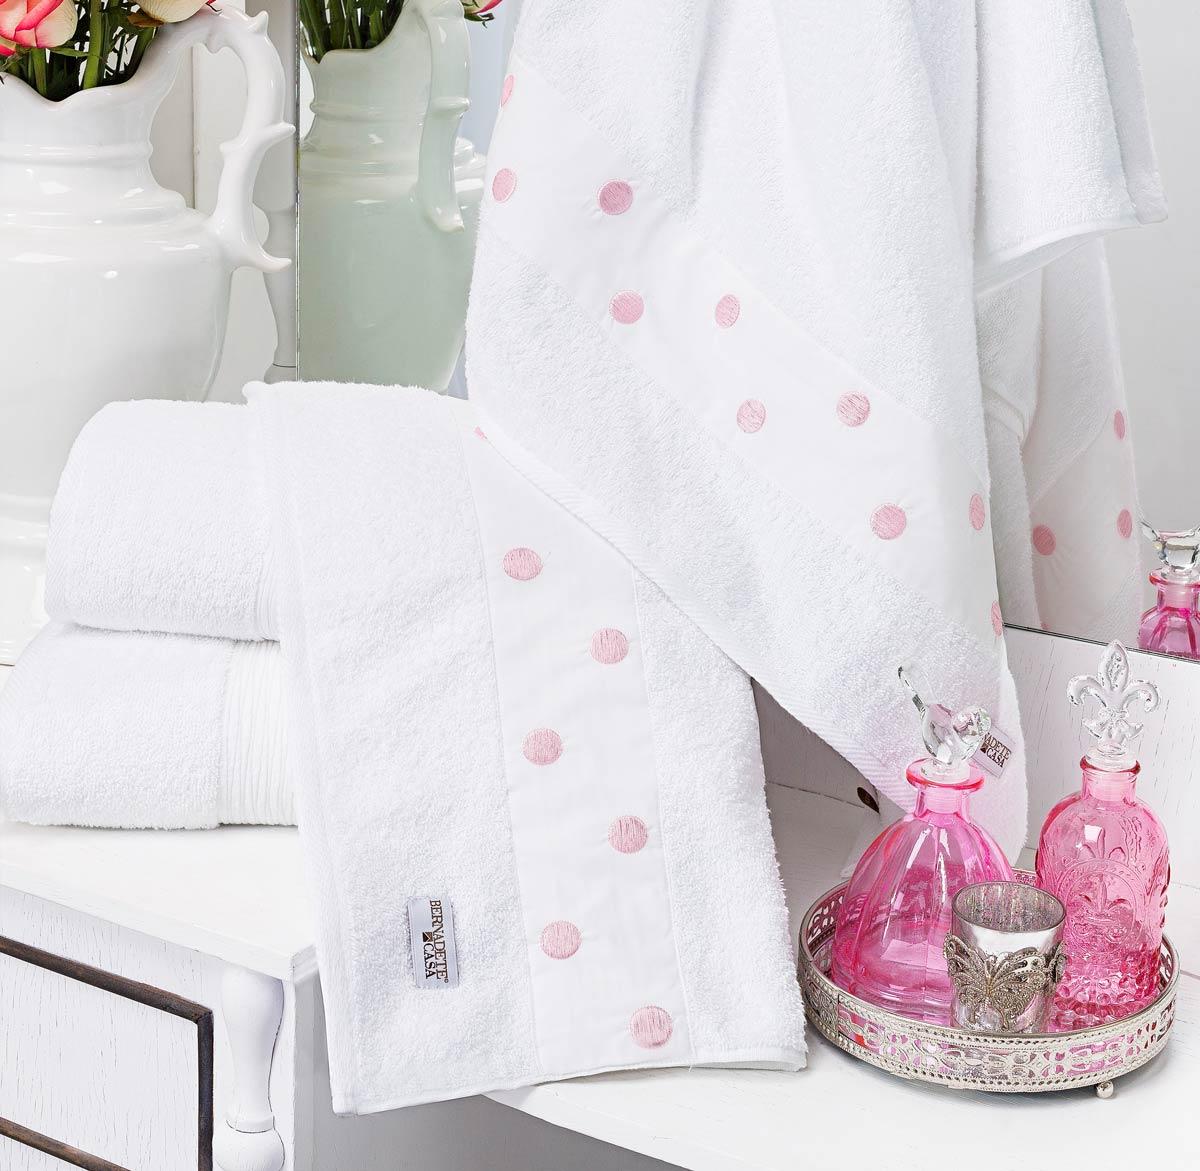 Jogo de Banho Único Branco com Rosa Algodão com 5 peças - Toalha Lacca